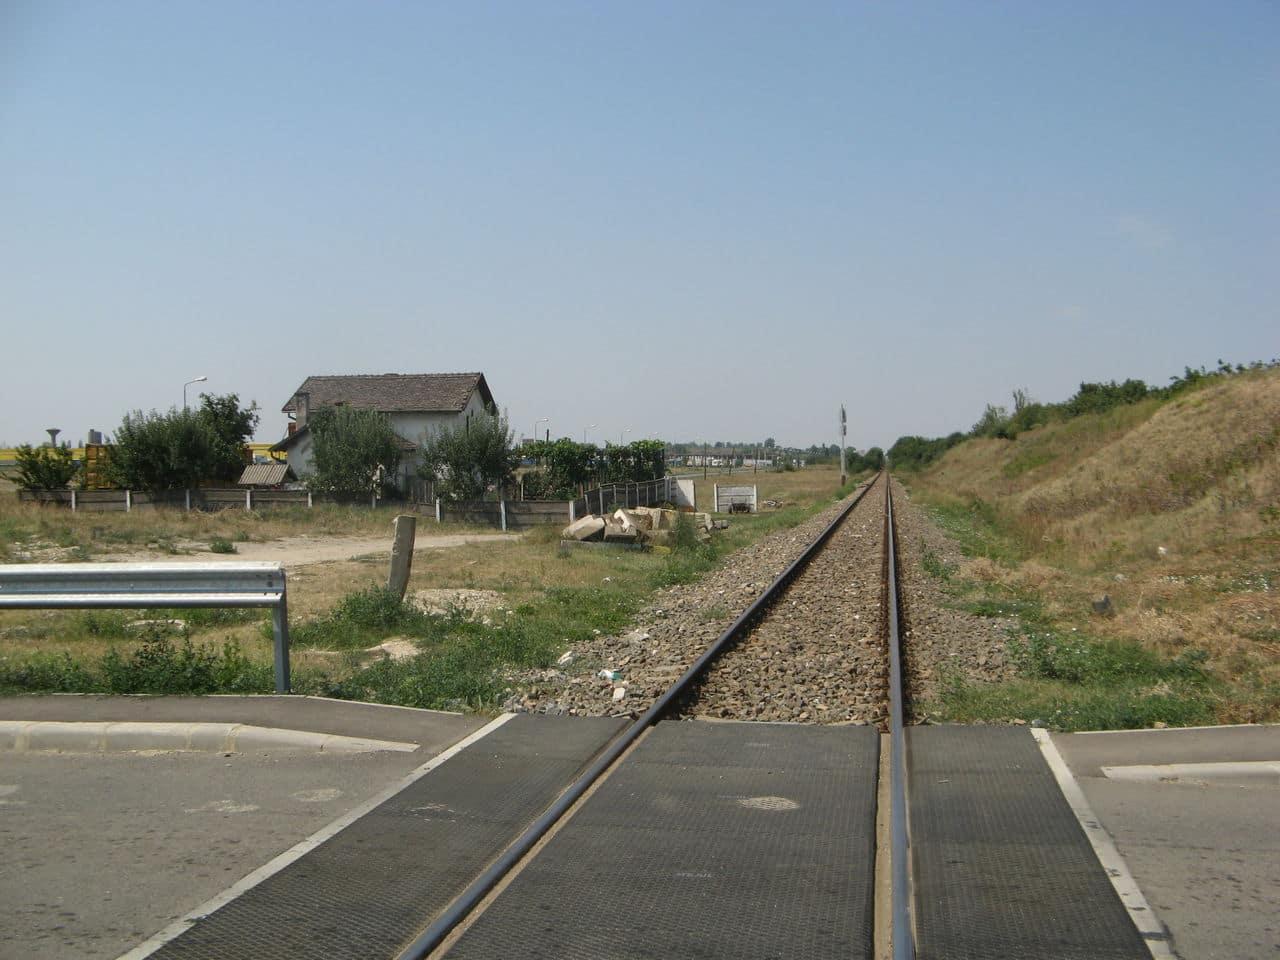 Calea ferată directă Oradea Vest - Episcopia Bihor IMG_0061